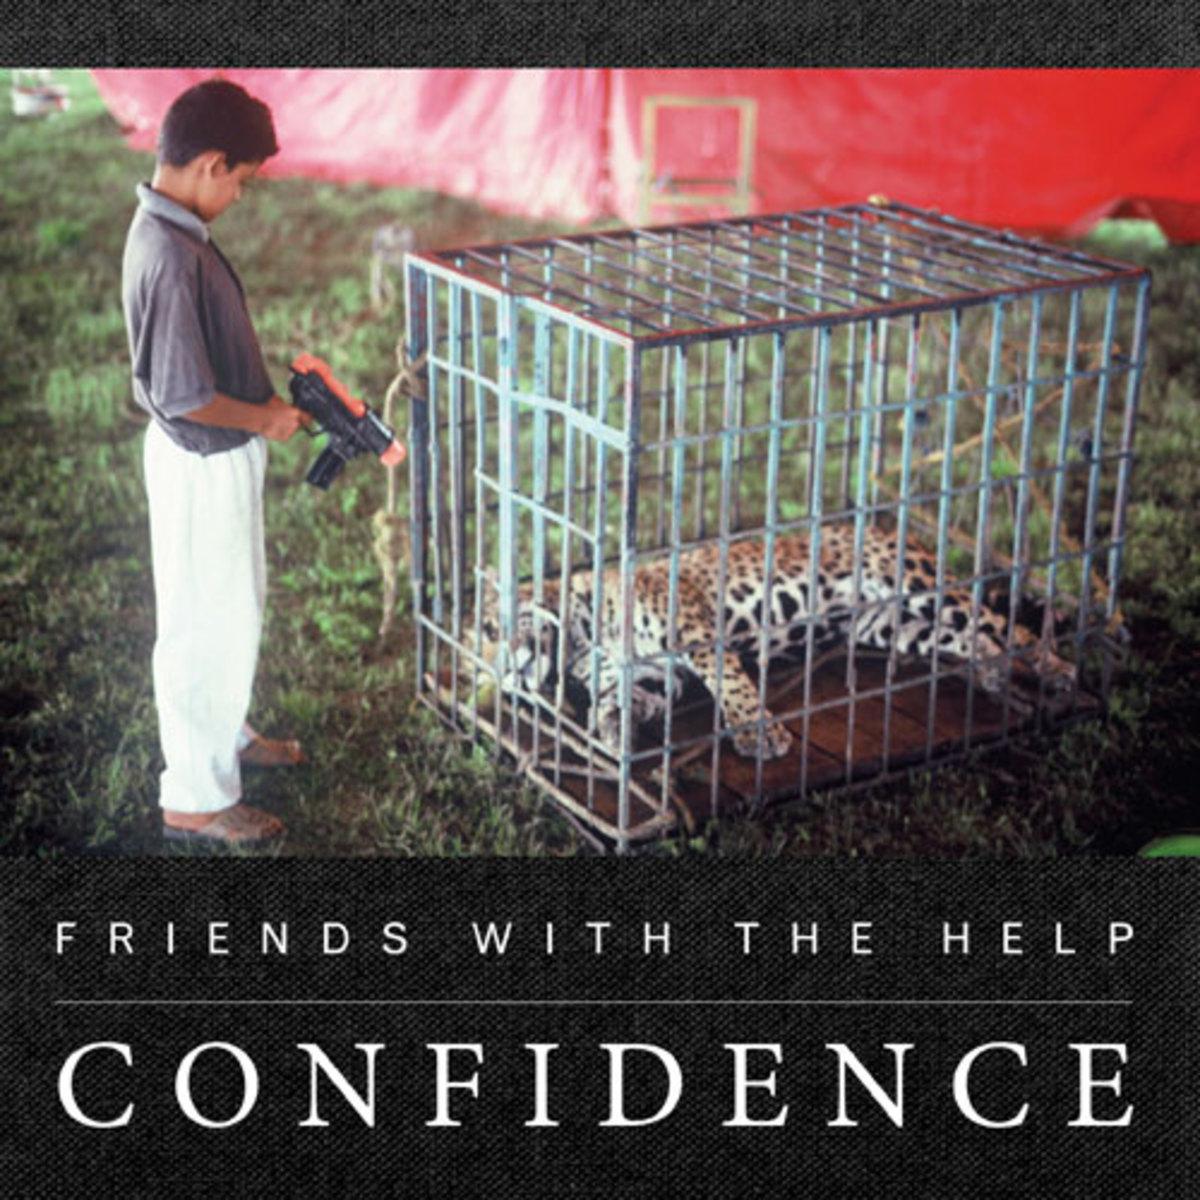 friendshelp-confidence.jpg